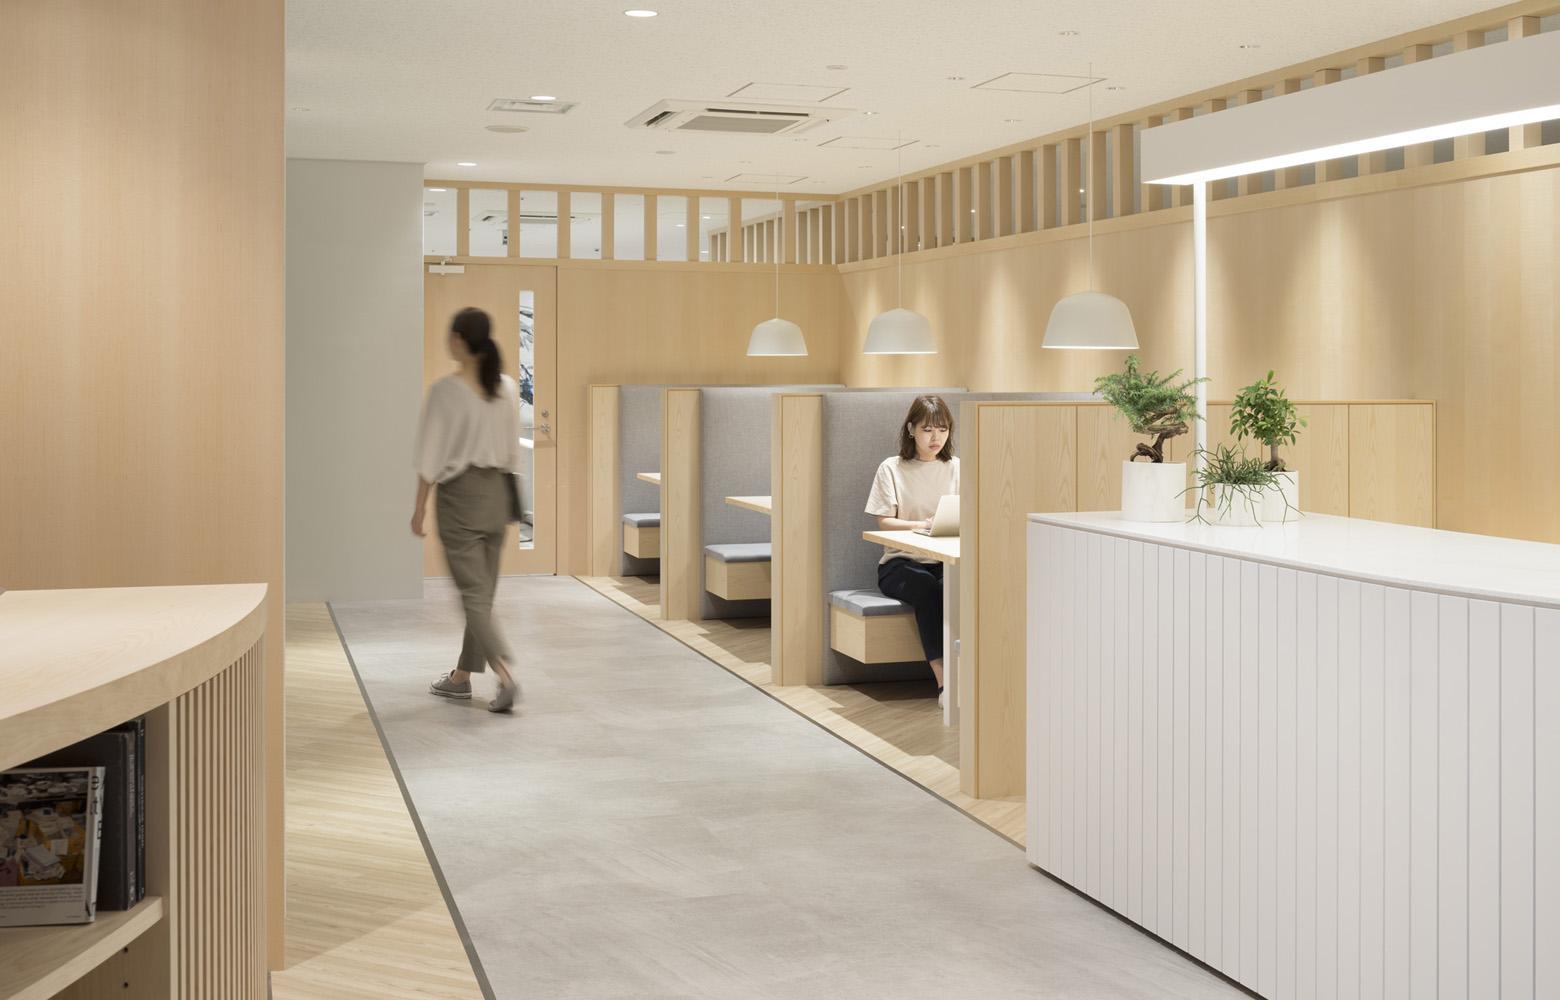 公益財団法人日本陸上競技連盟 Meeting Booth デザイン・レイアウト事例